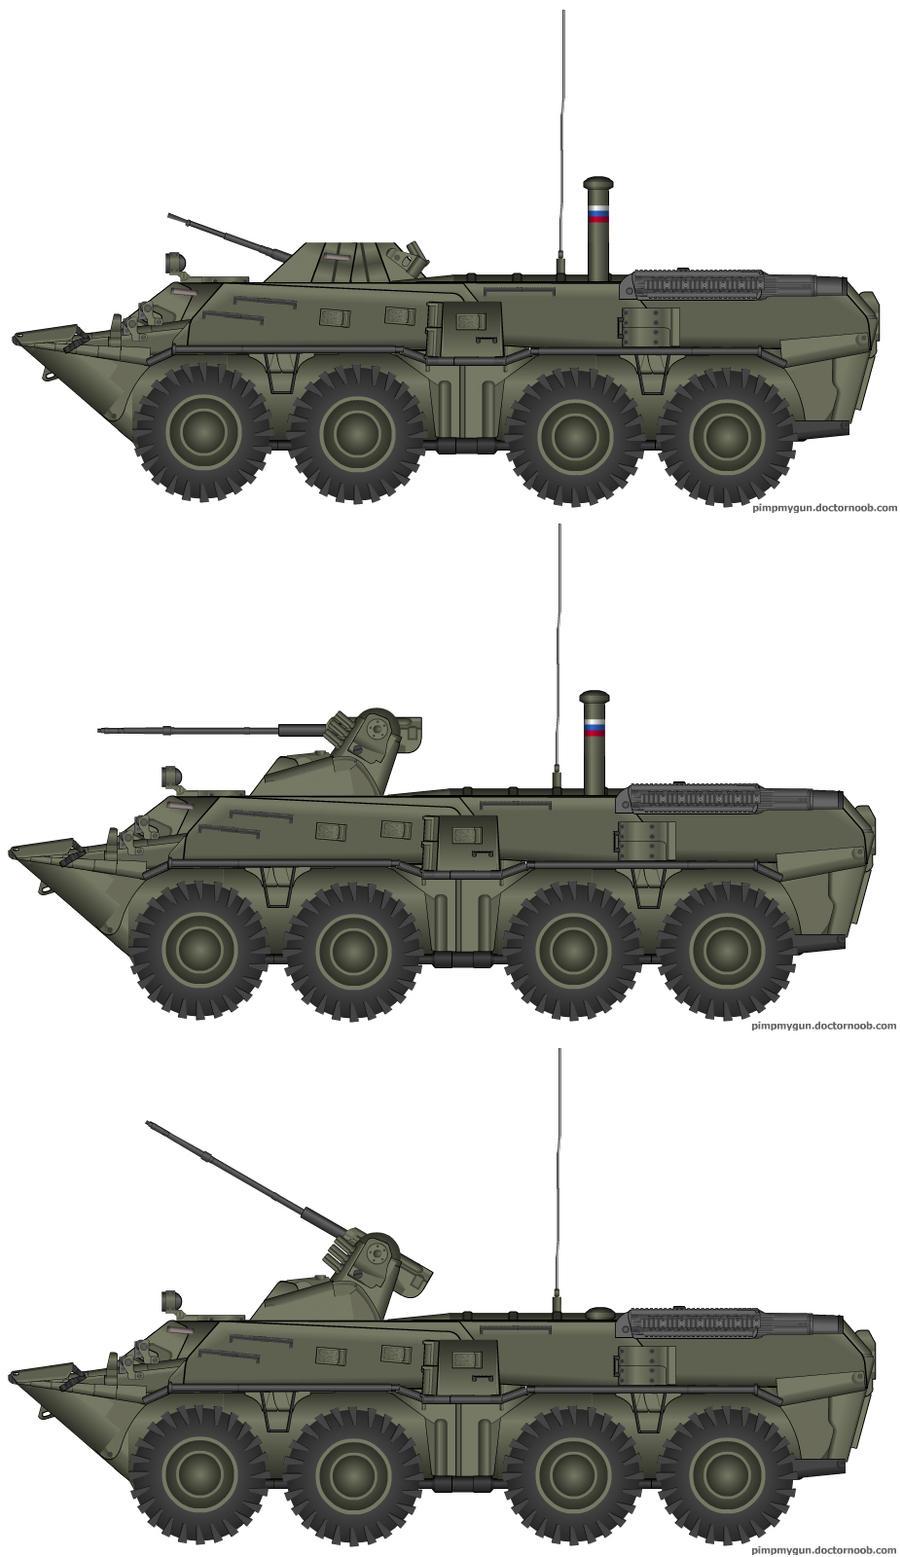 BTR-80 + BTR-80A by T0RYU